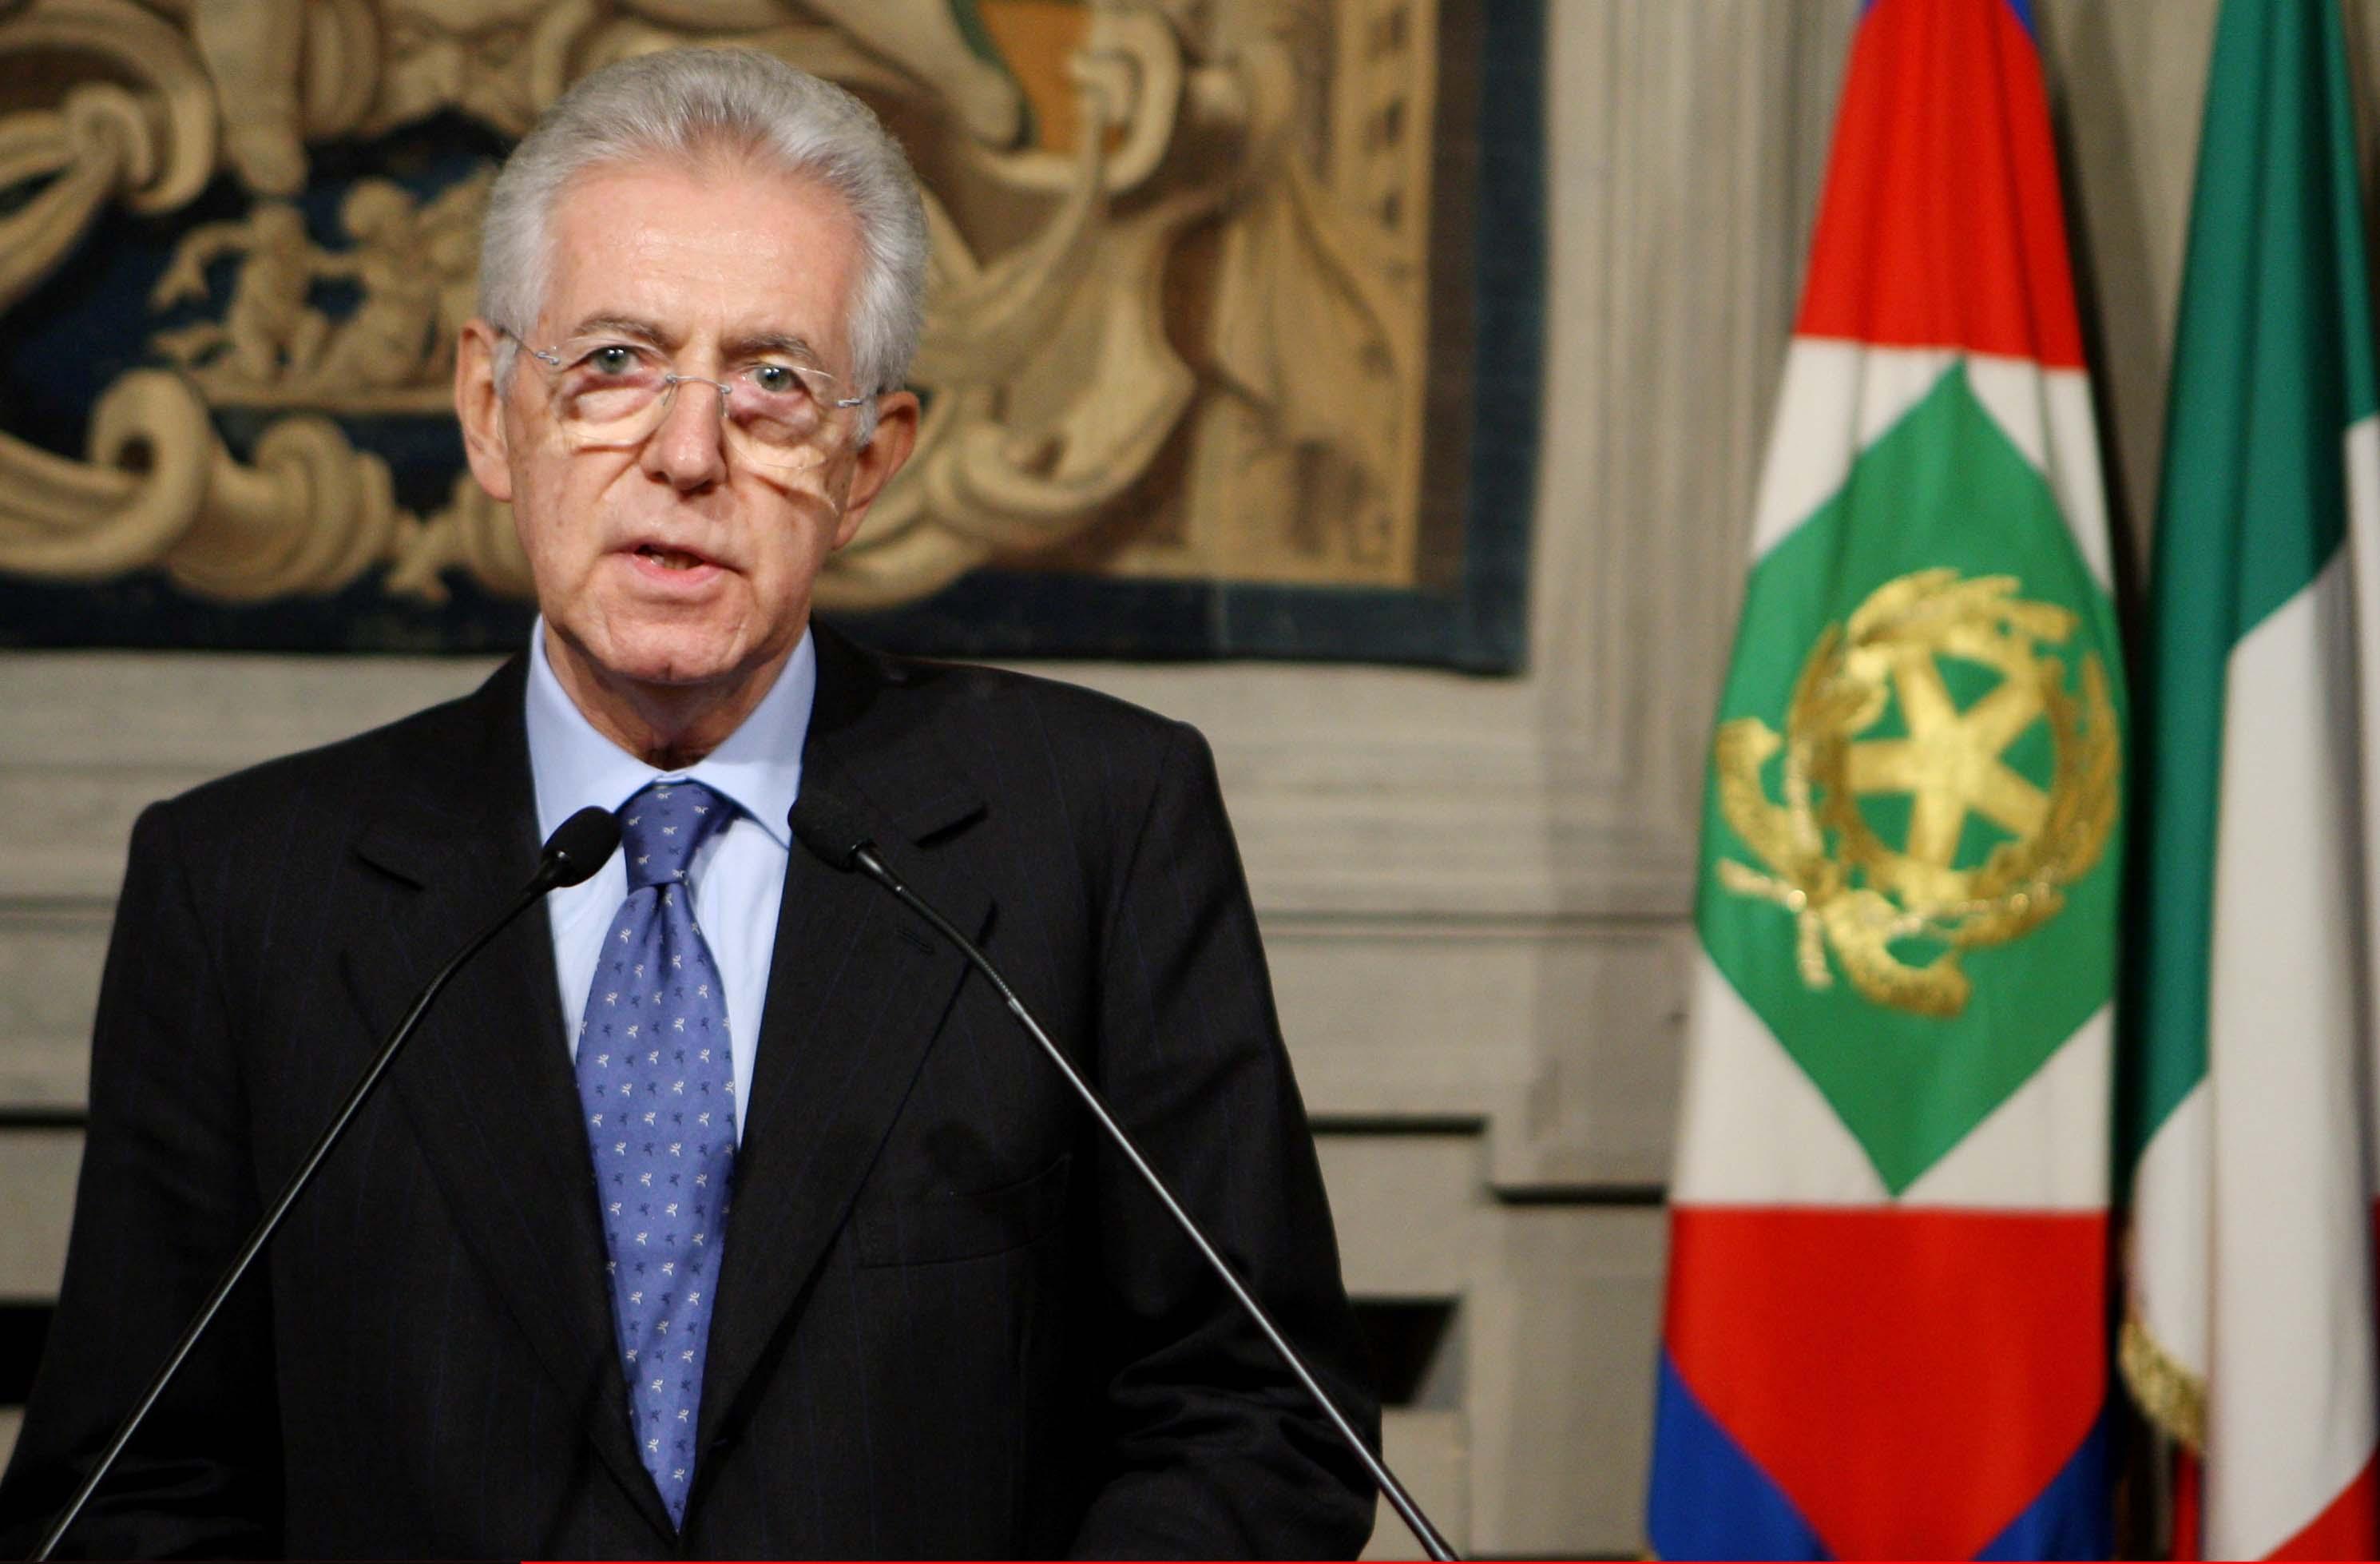 Monti elimina sei ministeri, tre donne nei posti cruciali: Interni, Giustizia e Lavoro